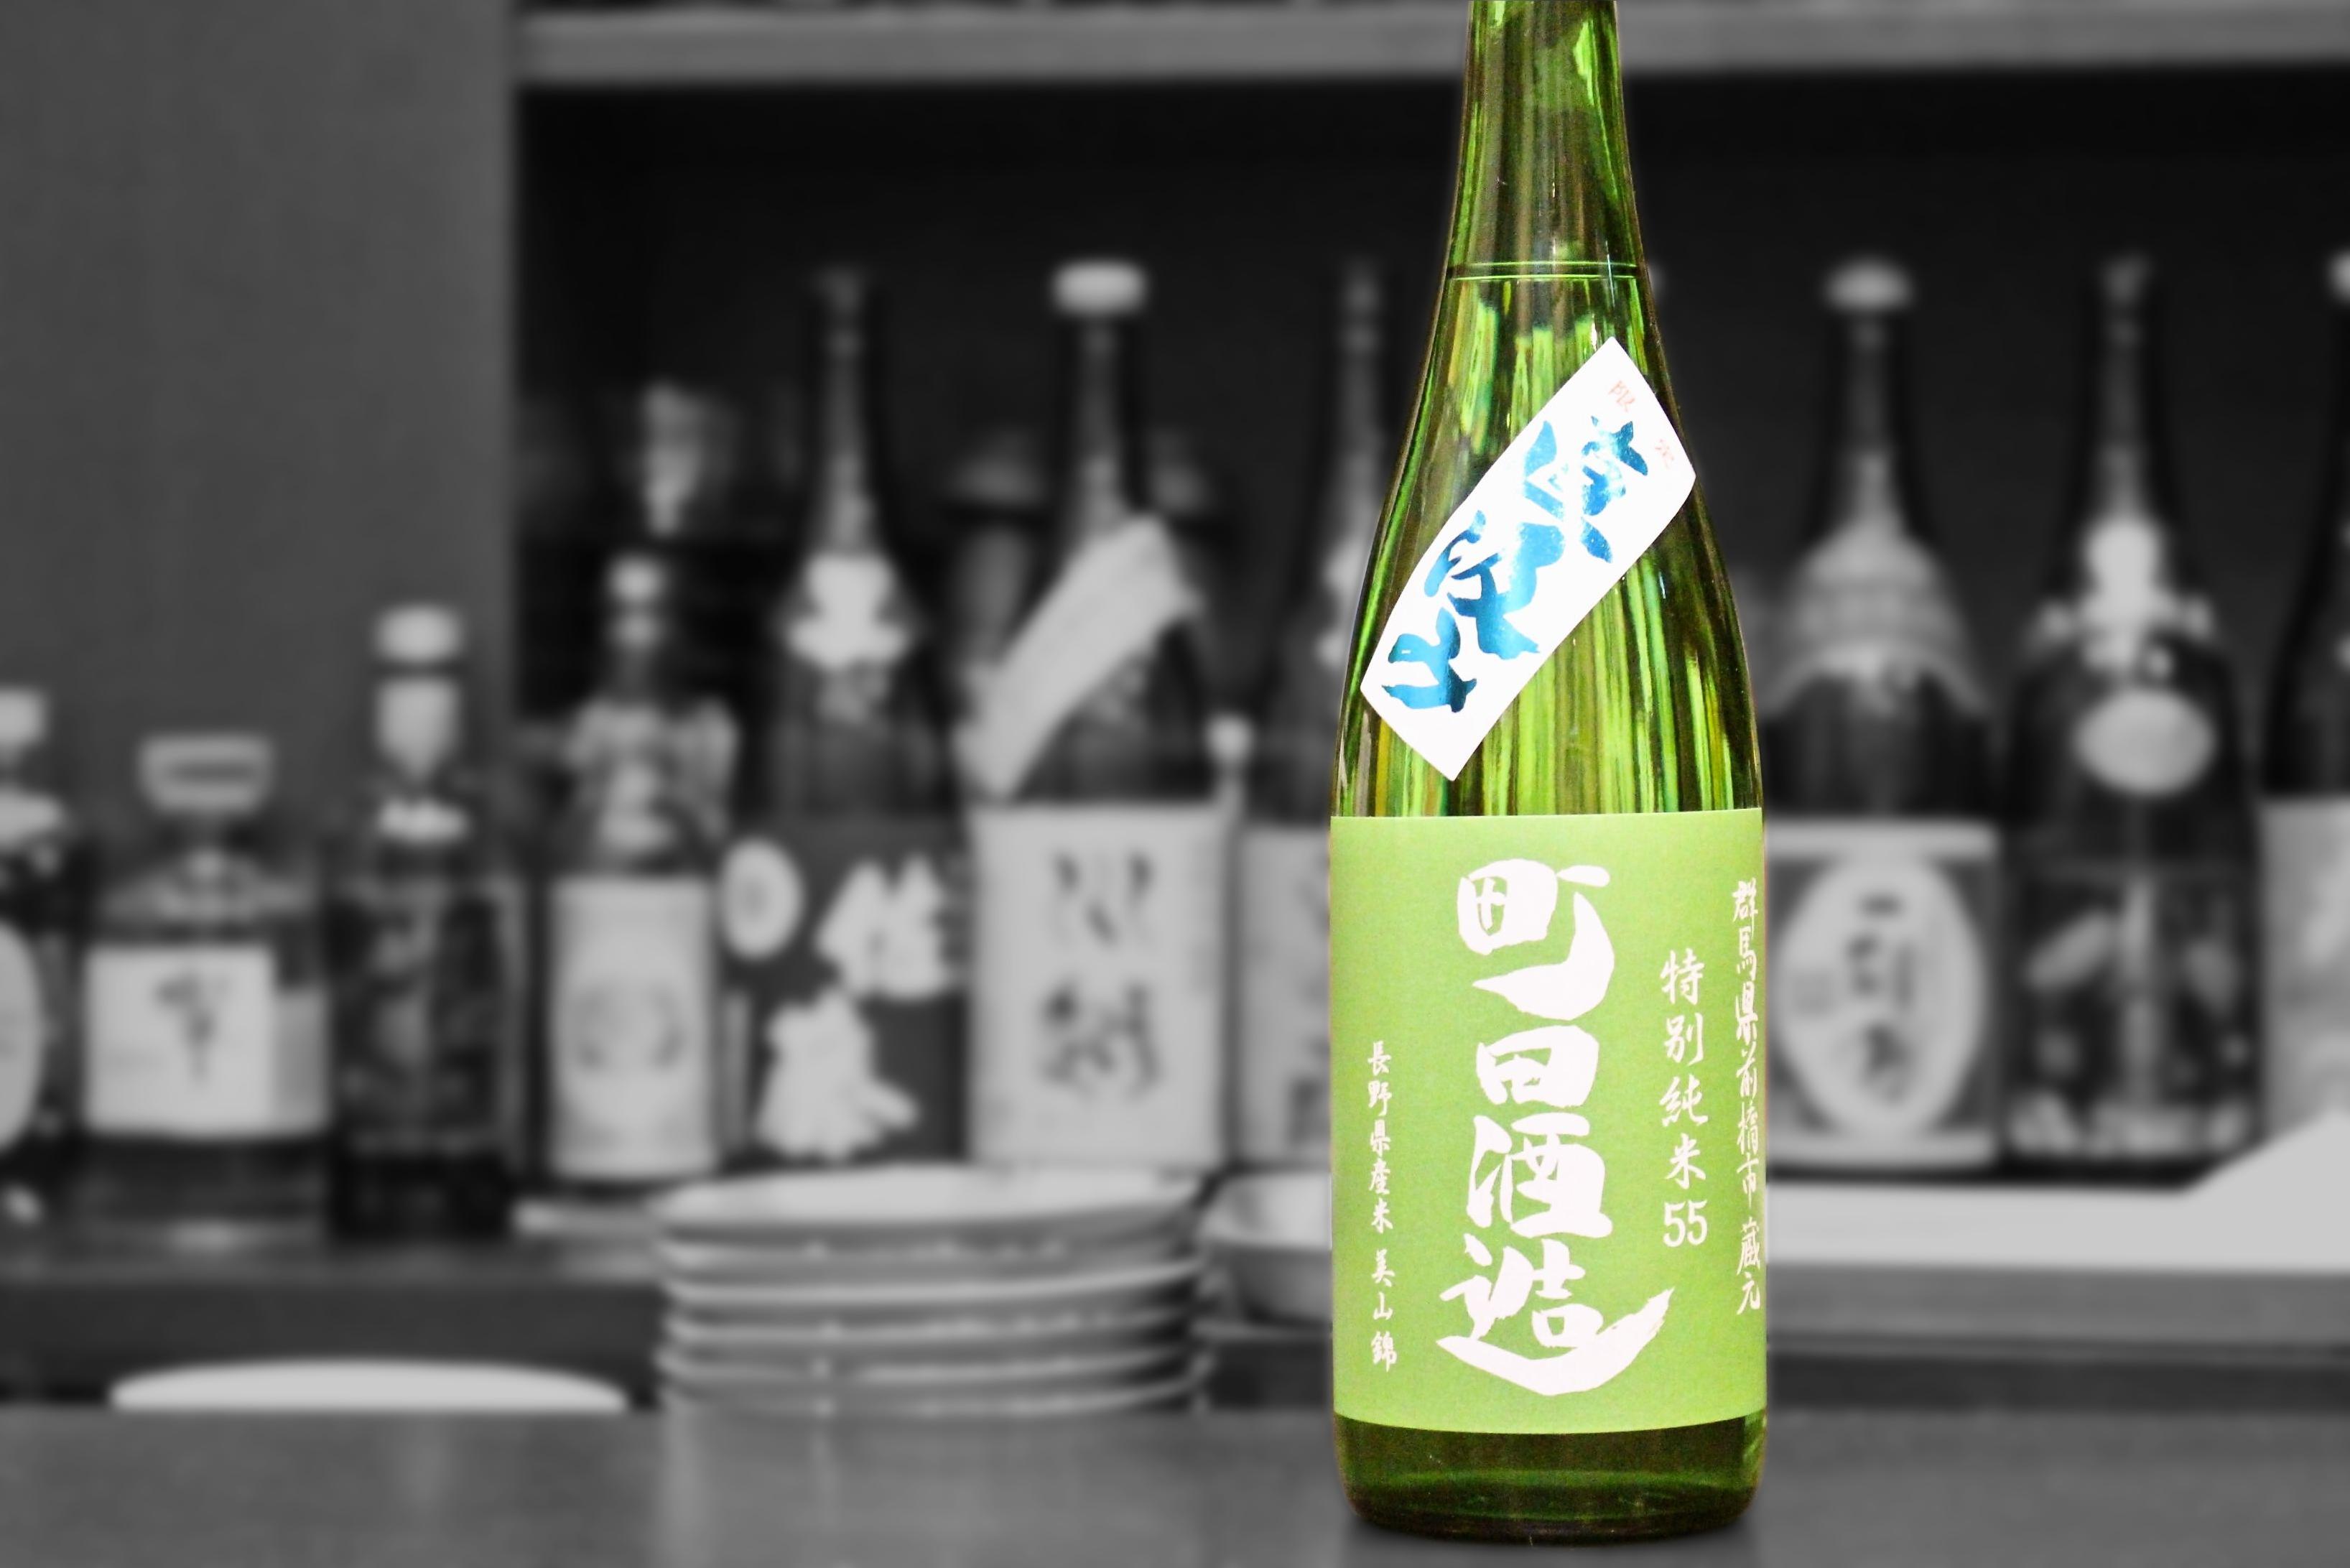 町田酒造55美山錦直汲み202002-001